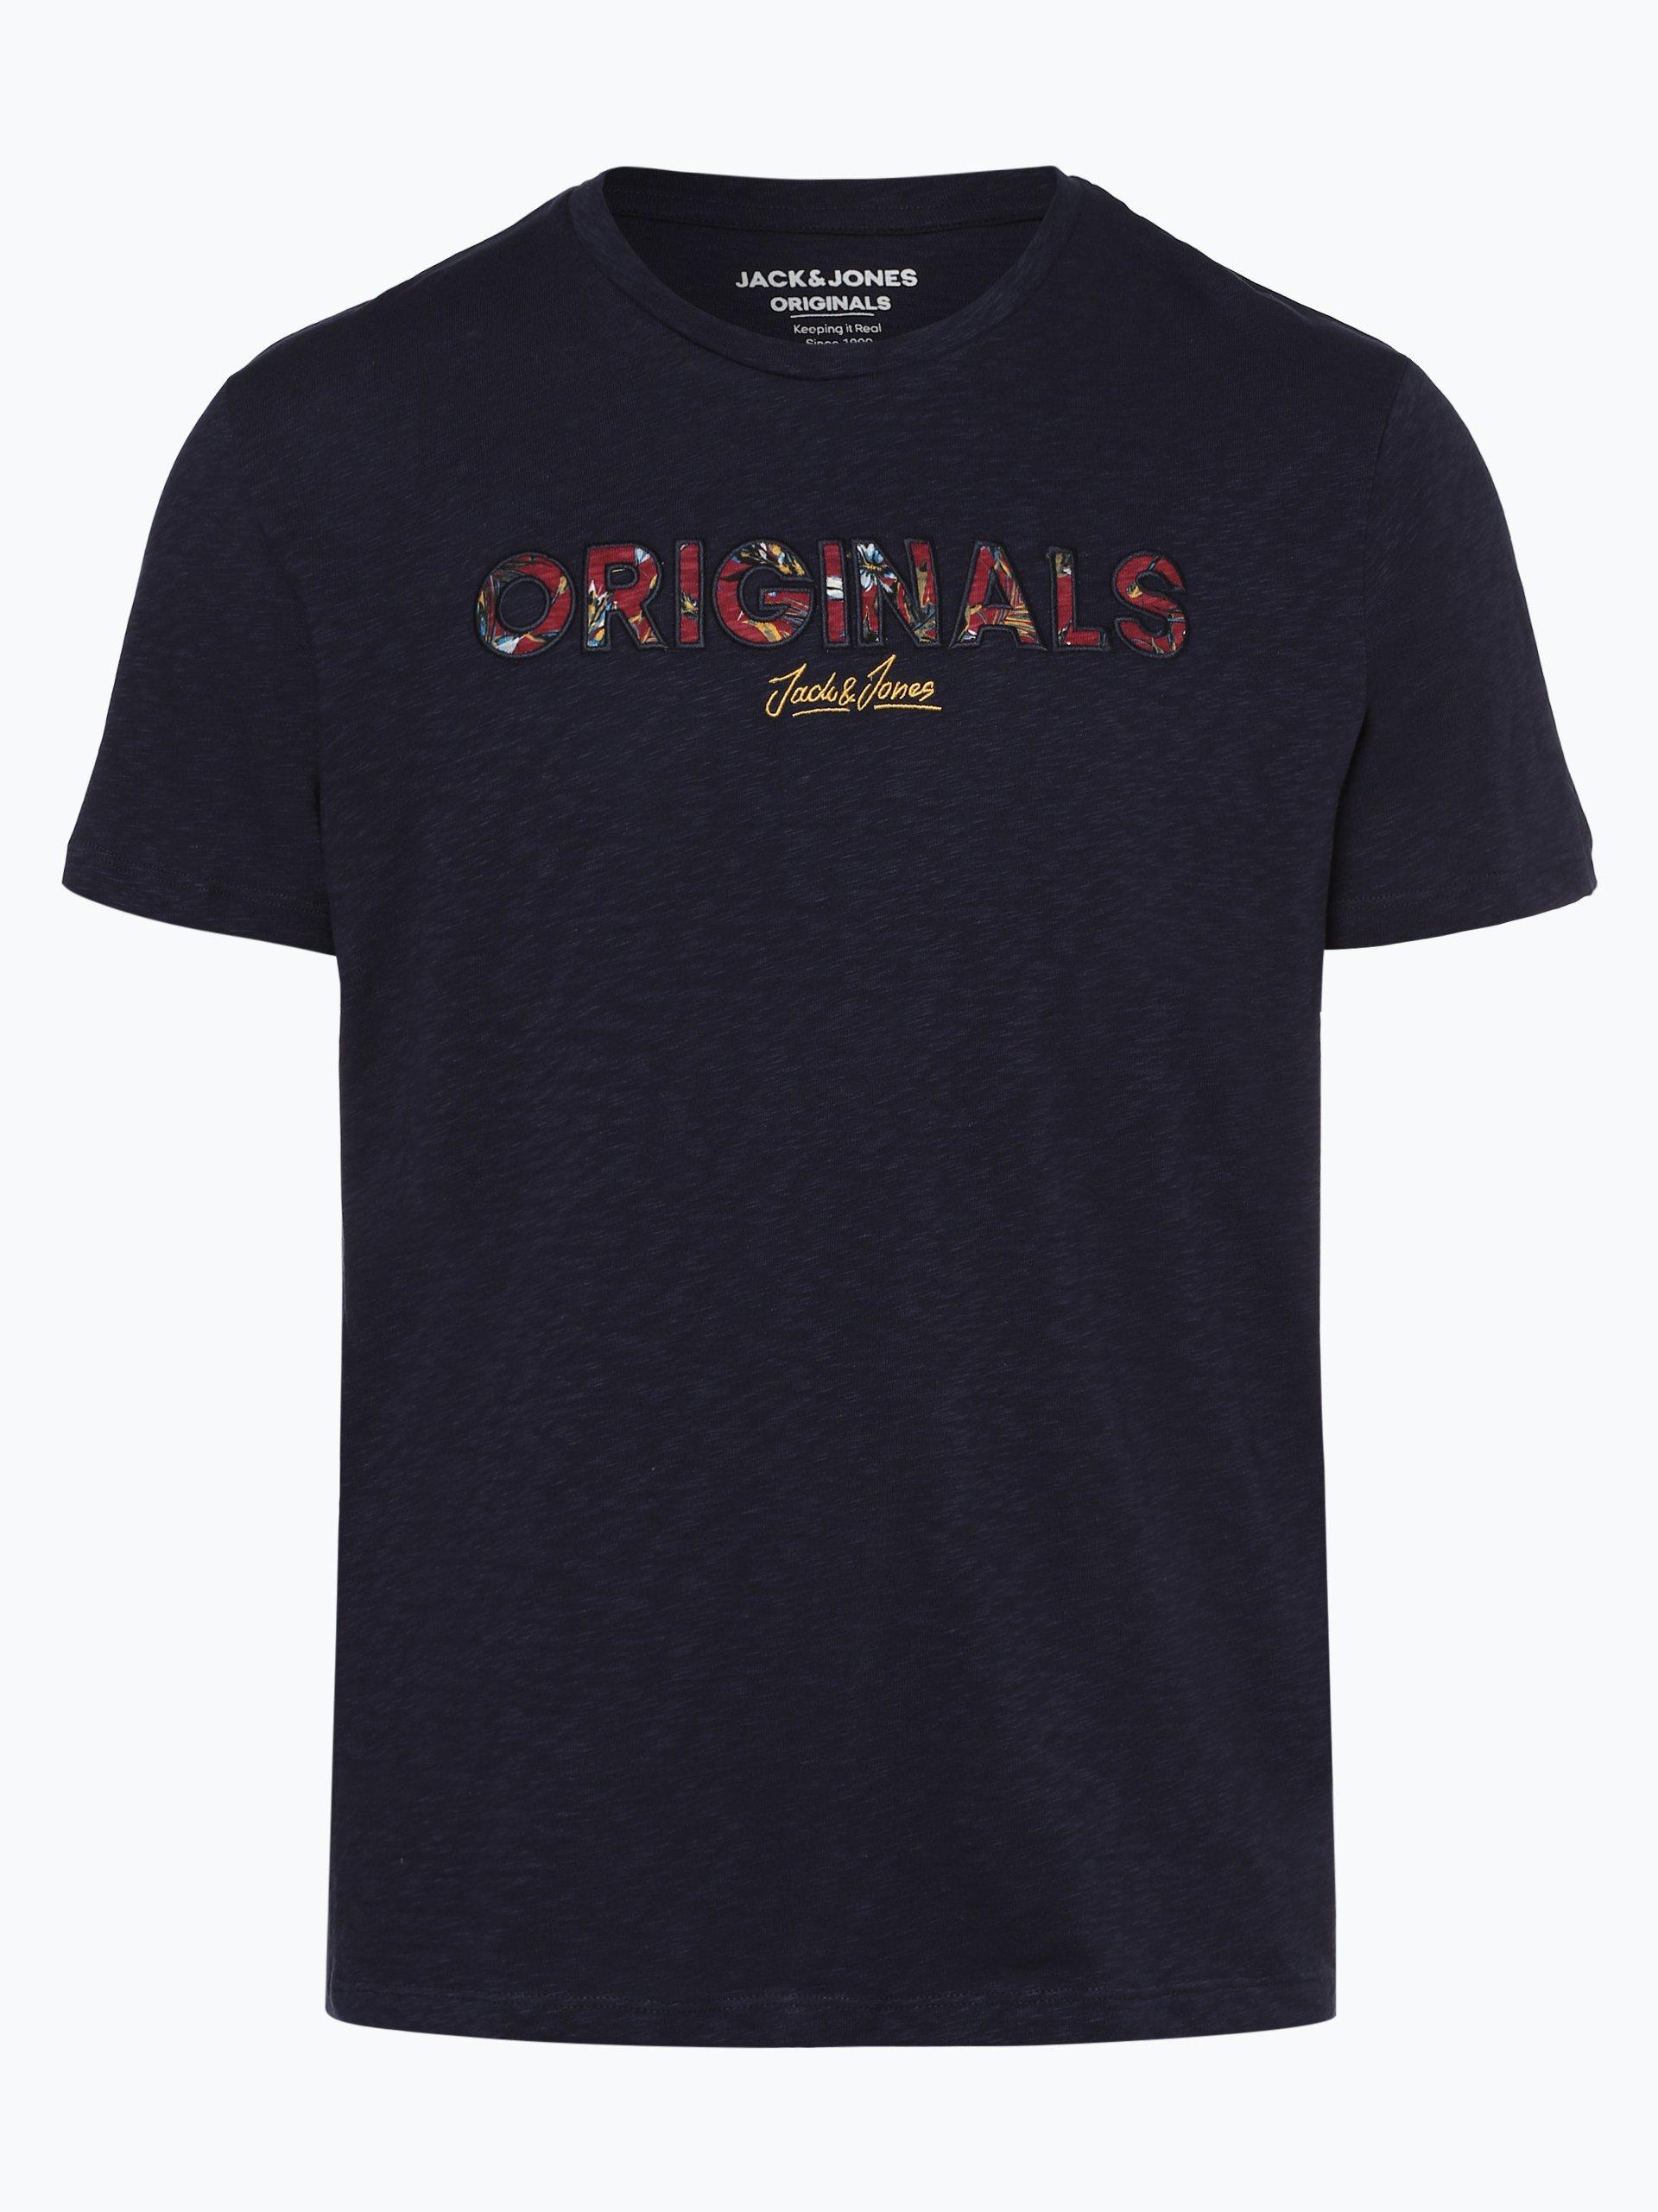 Jack & Jones T-shirt męski – Jorwillis